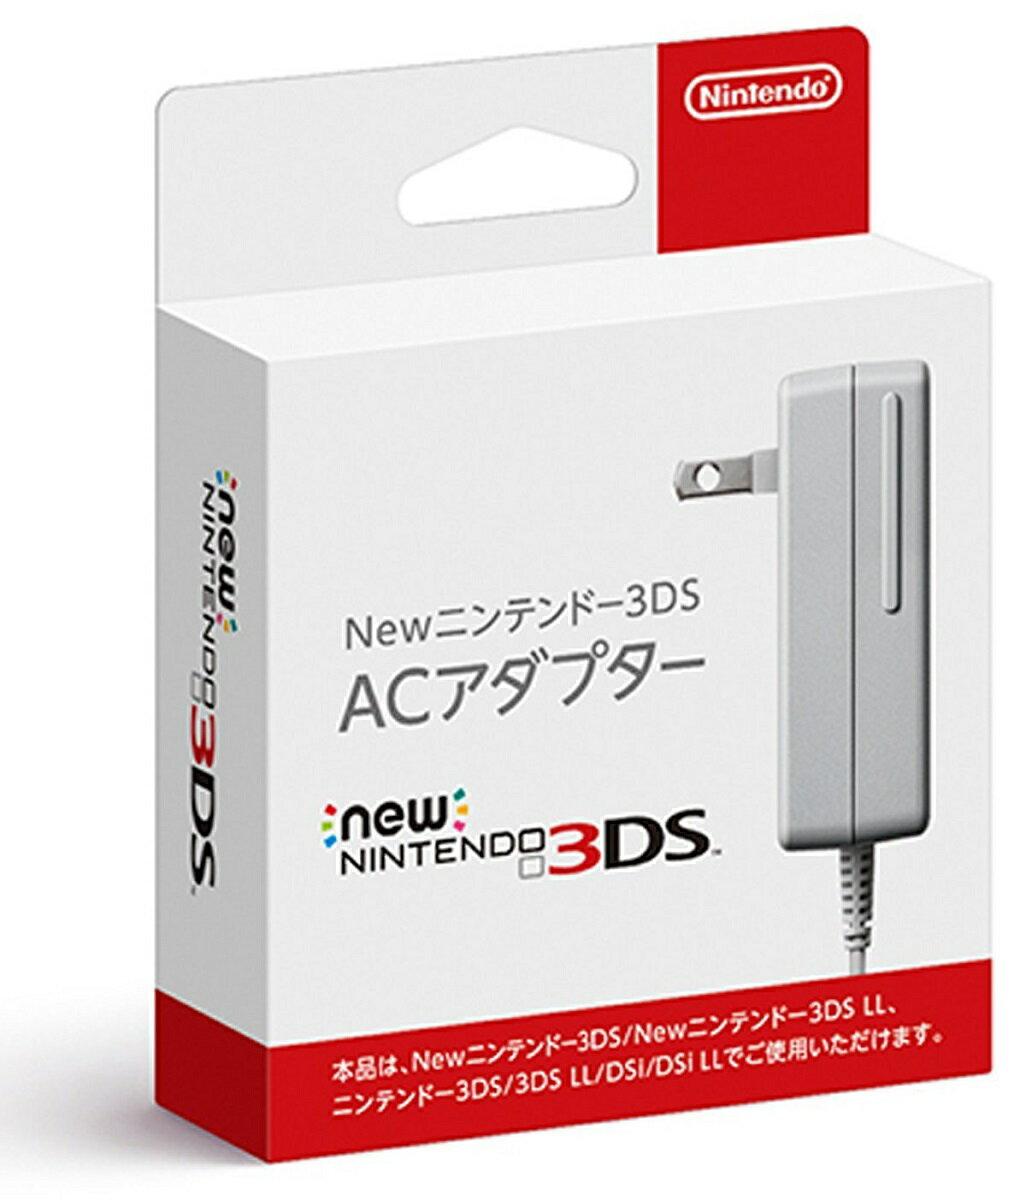 【新品】 New ニンテンドー3DS ACアダプター (New3DS/New3DSLL/3DS/3DSLL/DSi兼用)